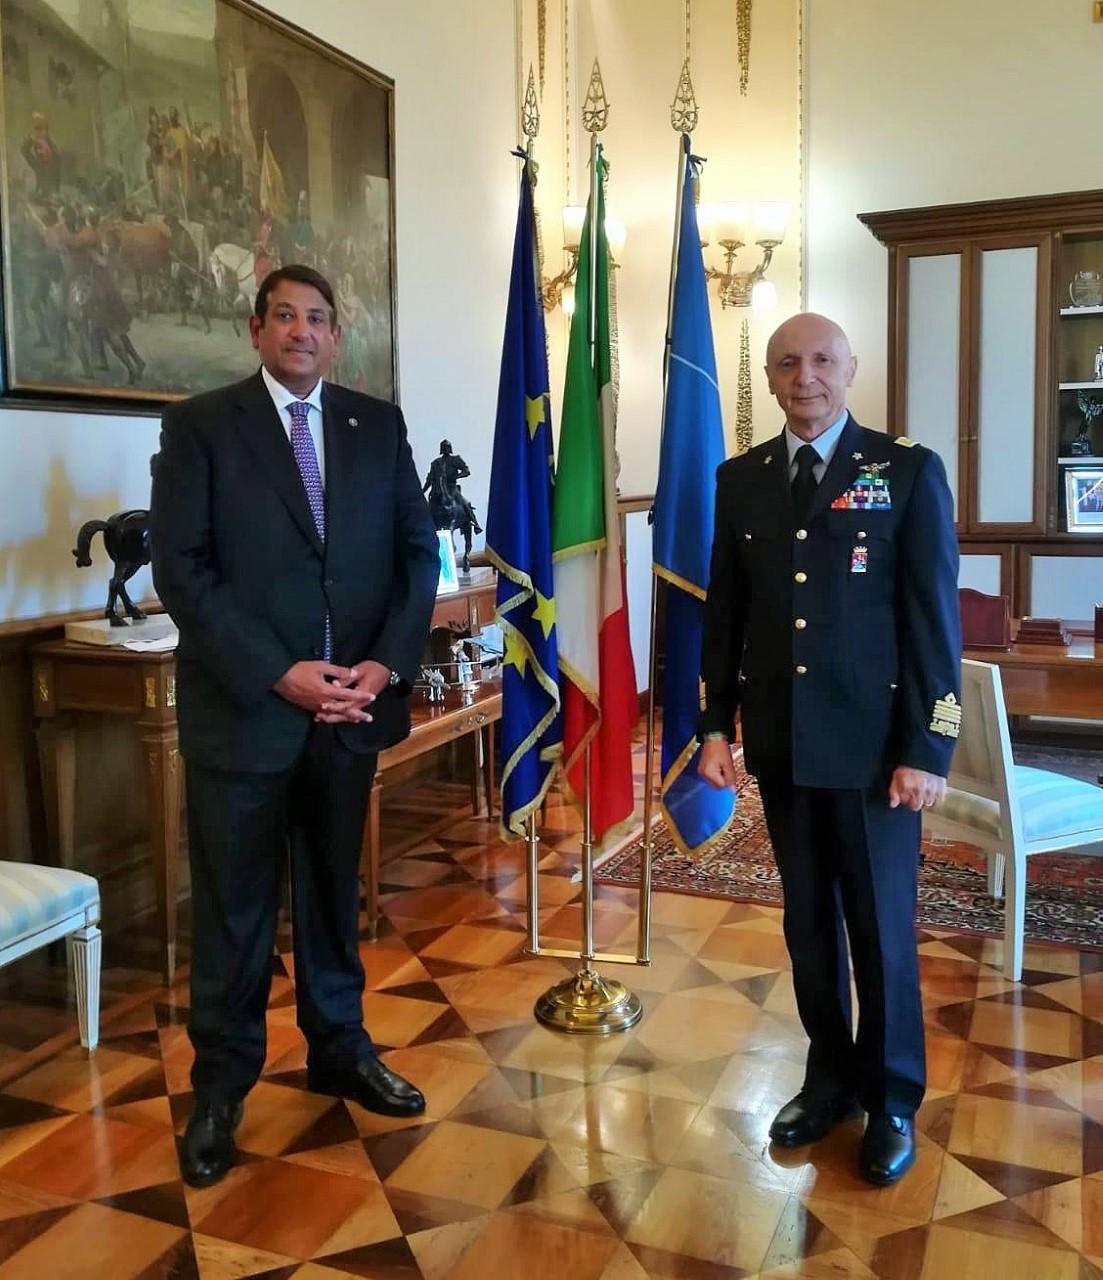 رئيس أركان الدفاع الإيطالي يجتمع مع سفير دولة قطر